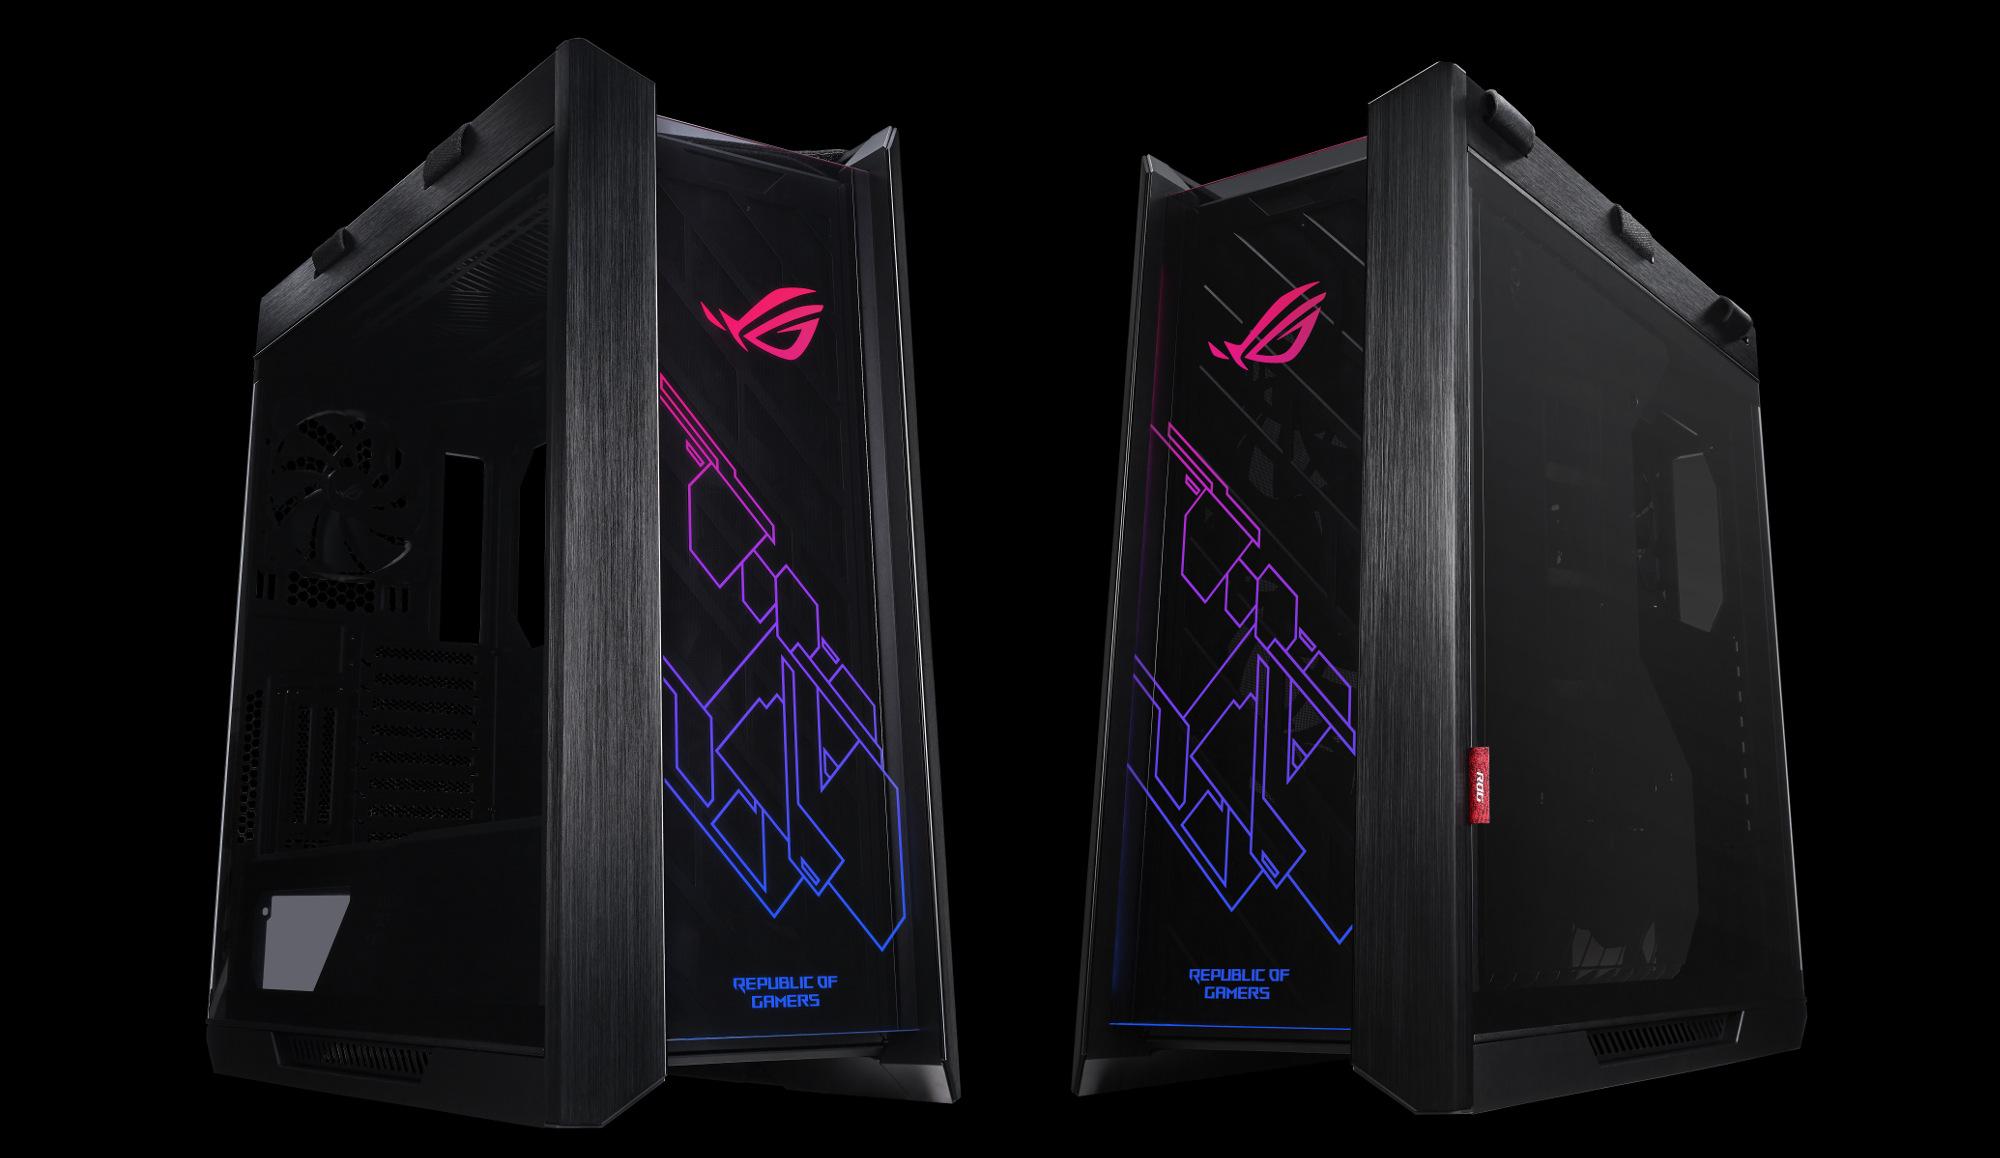 ASUS lanza su primer chasis ROG Strix Helios para PCs 'Gaming'  Más información en: https://www.profesionalreview.com/2019/04/12/asus-rog-strix-helios-pcs/